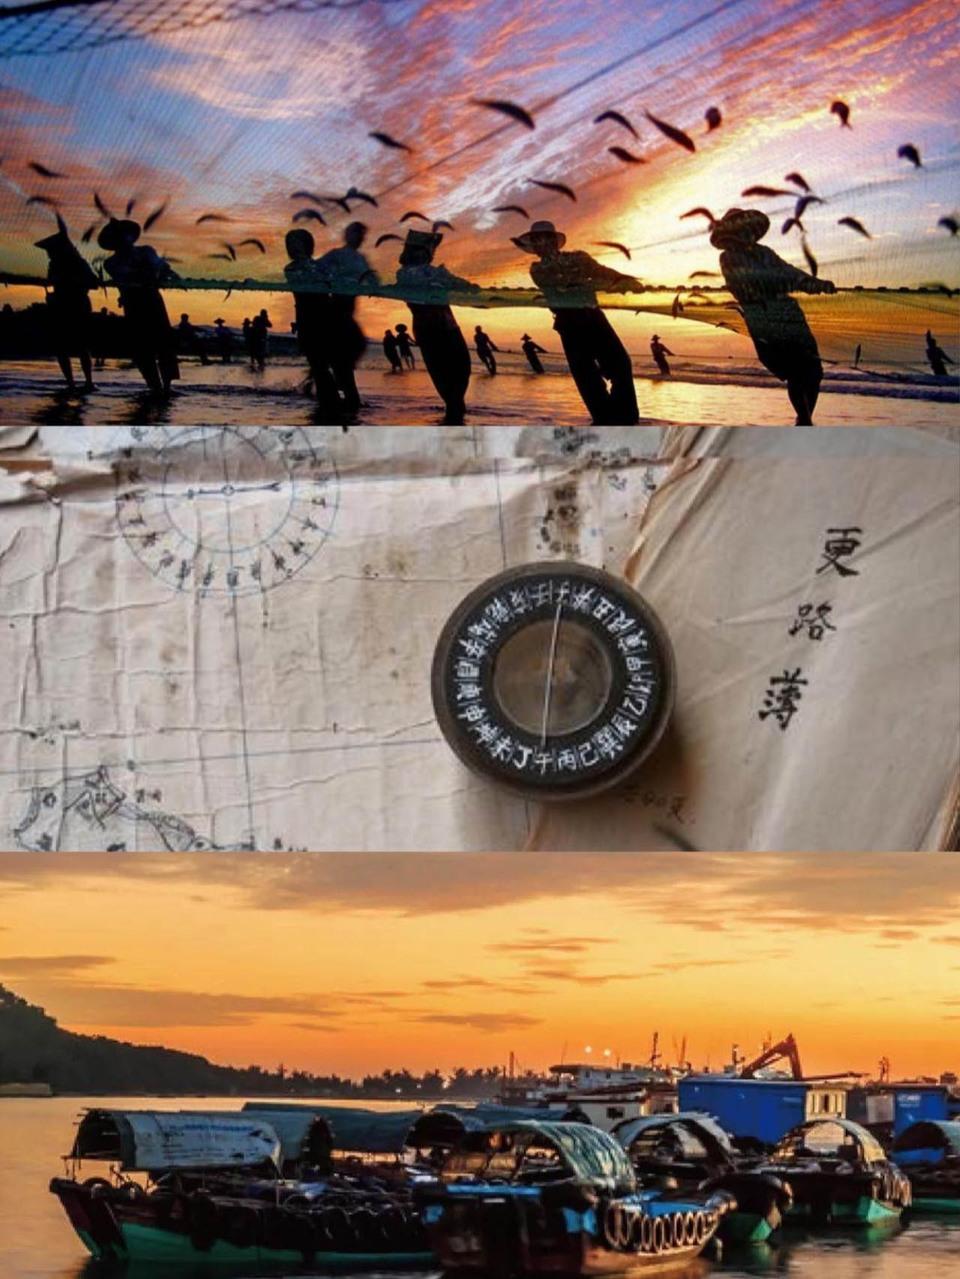 沿着高速看中国丨每一眼,都是绝美画面